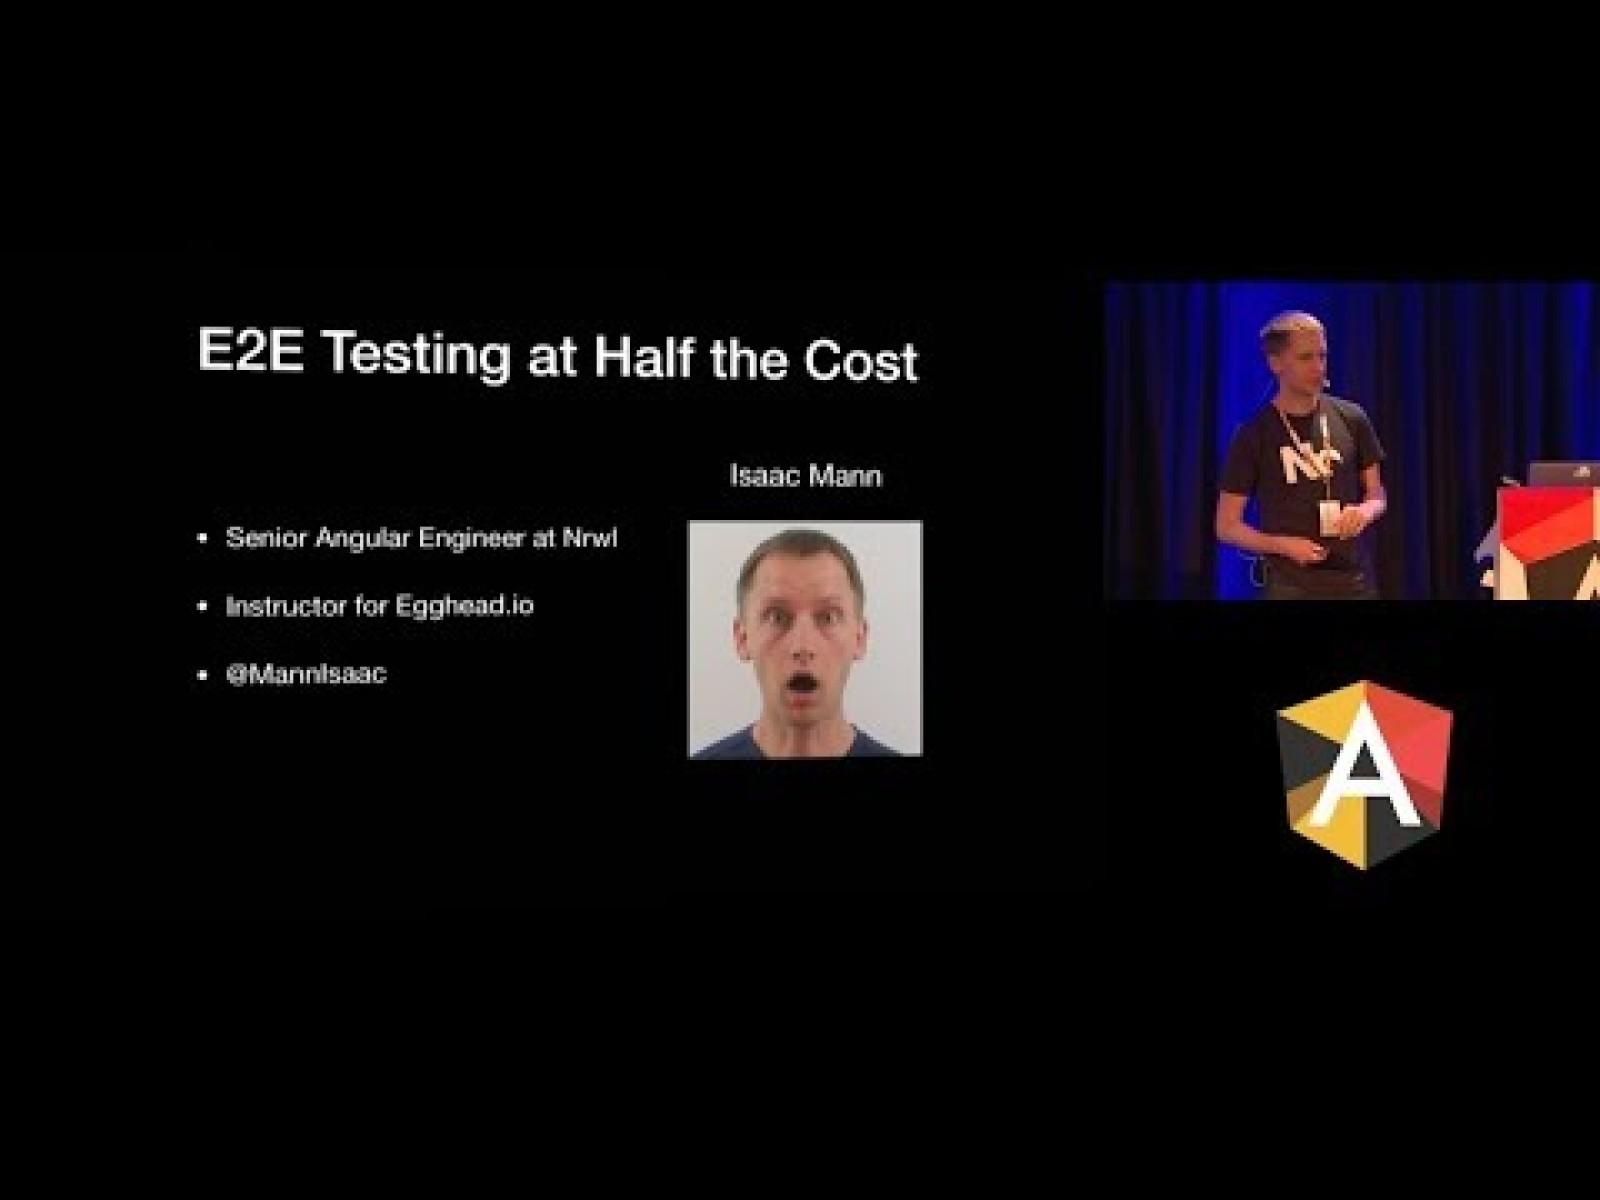 E2E Testing at Half the Cost